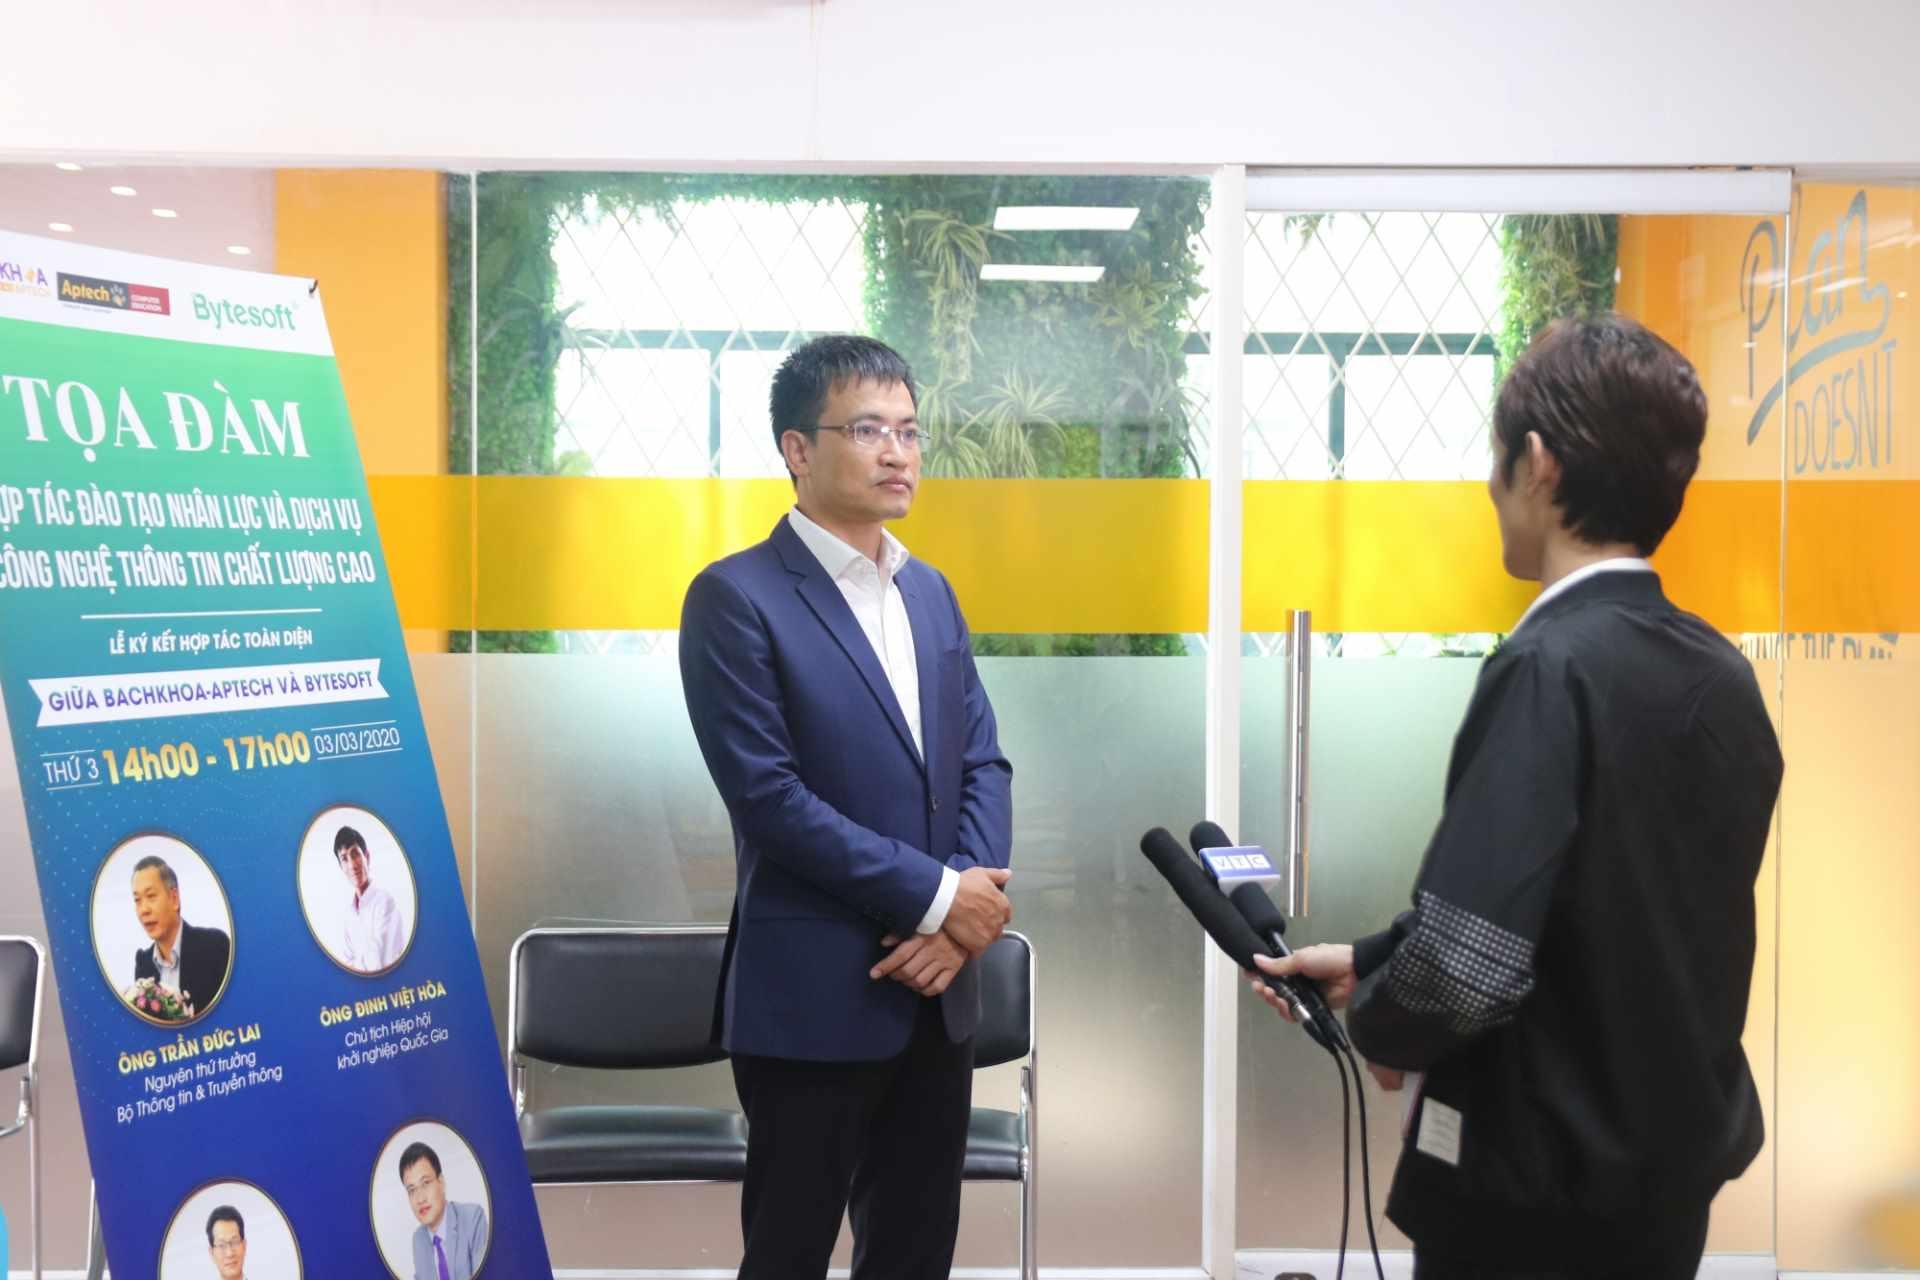 [VTC6] - Trại kỳ lân - Trại ươm kỹ năng khởi nghiệp để tài năng Việt không bỏ phí